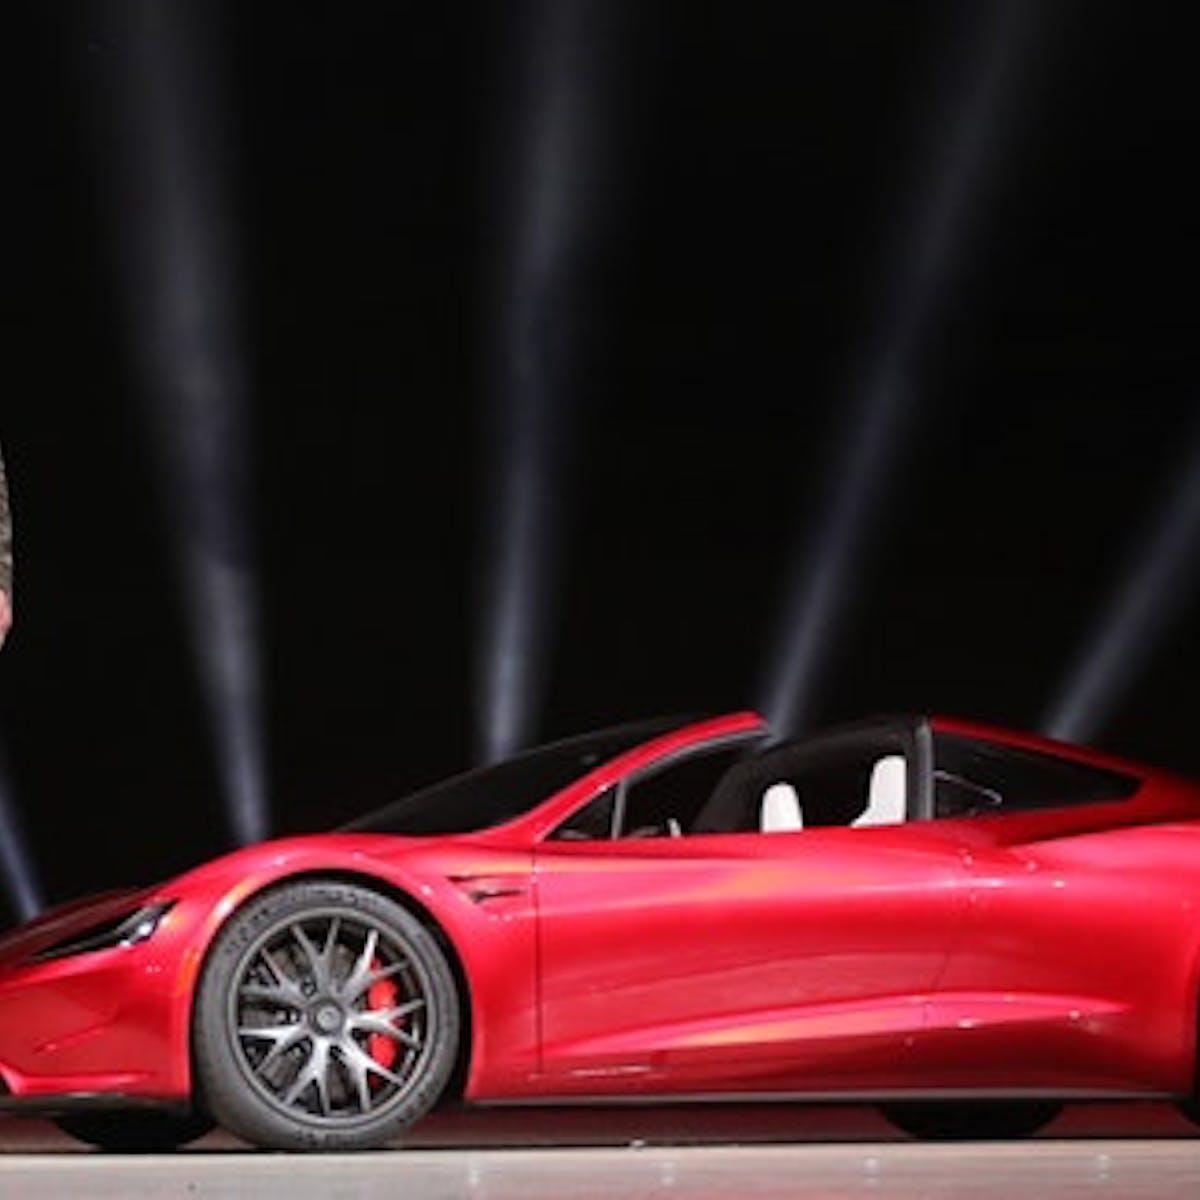 Musk Reads: Tesla Roadster Hover Test Set for Liftoff